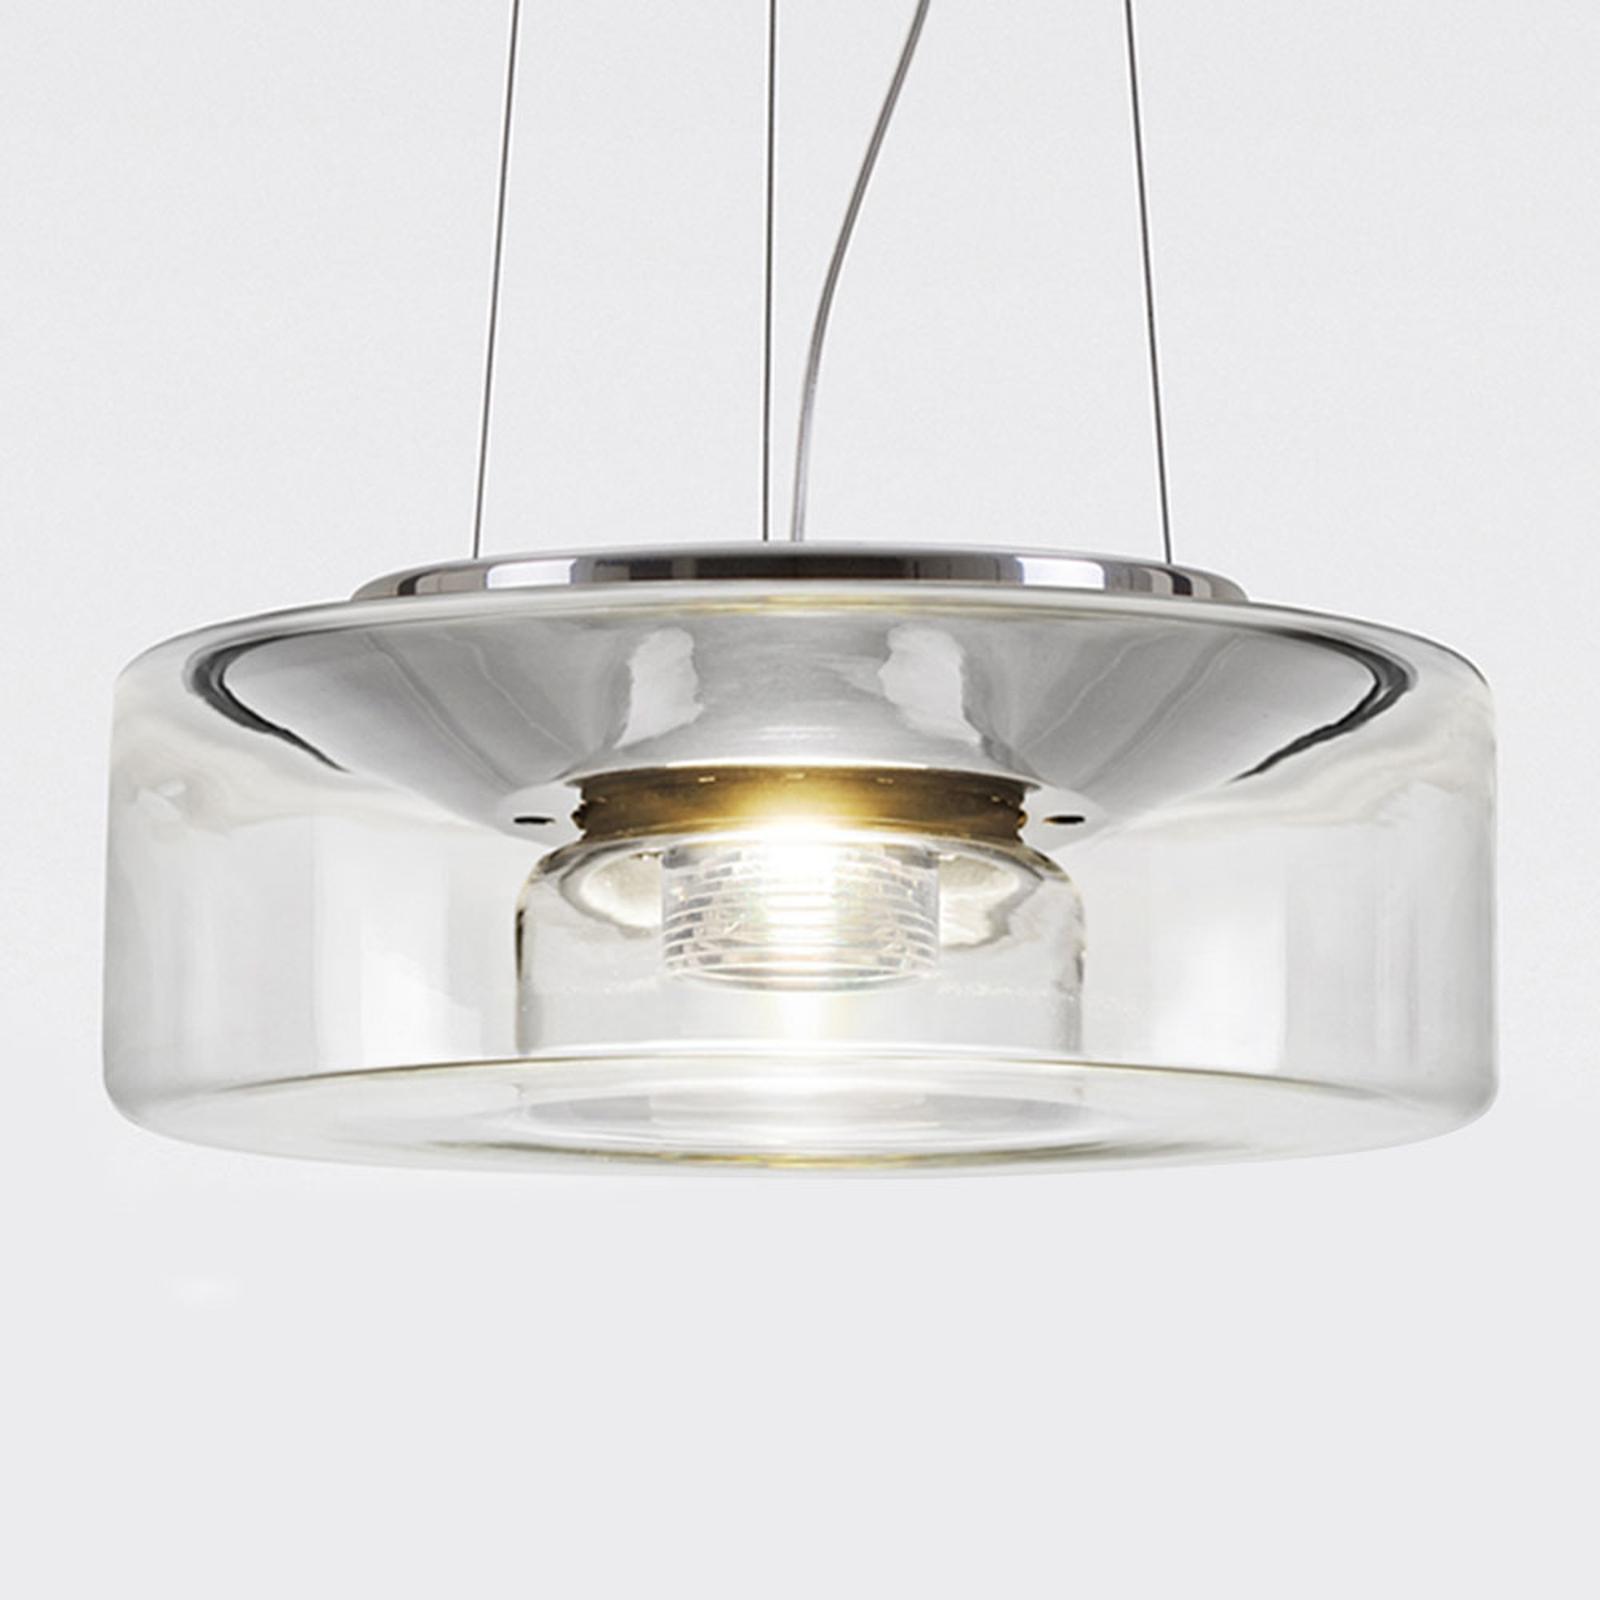 serien.lighting Curling M Pendel 927 Triac klar